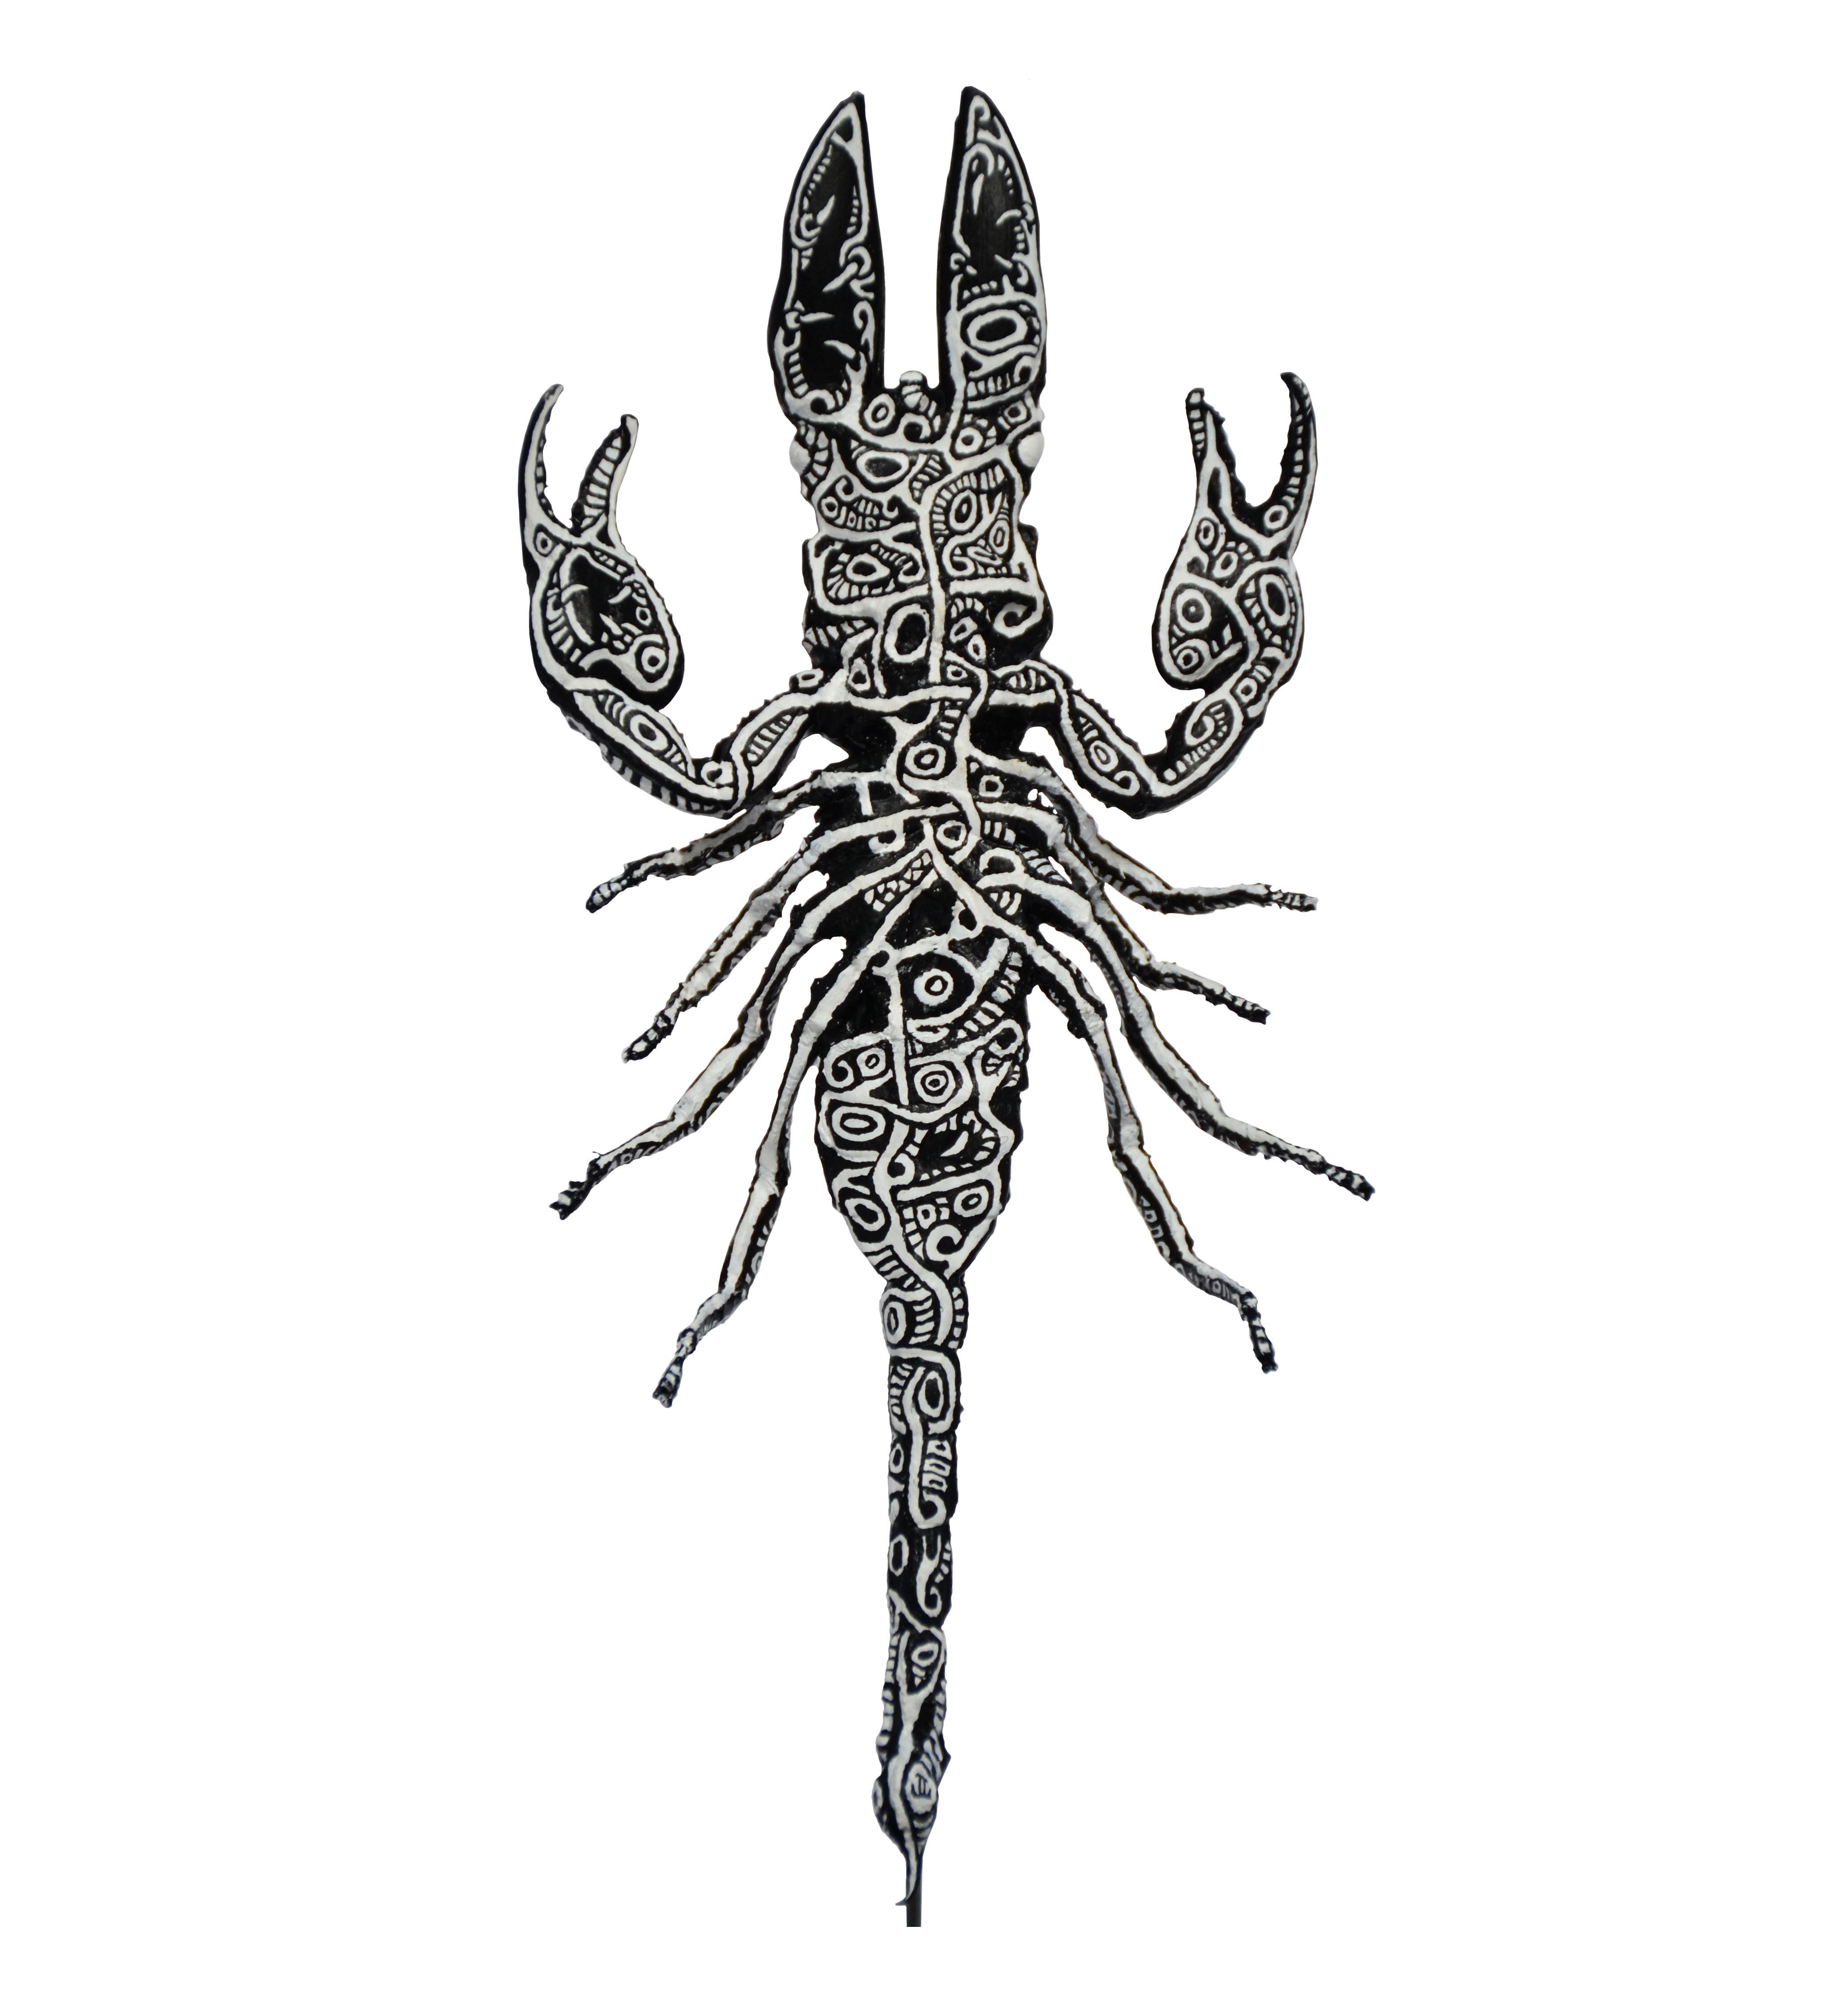 Lucanus Tremoriensis